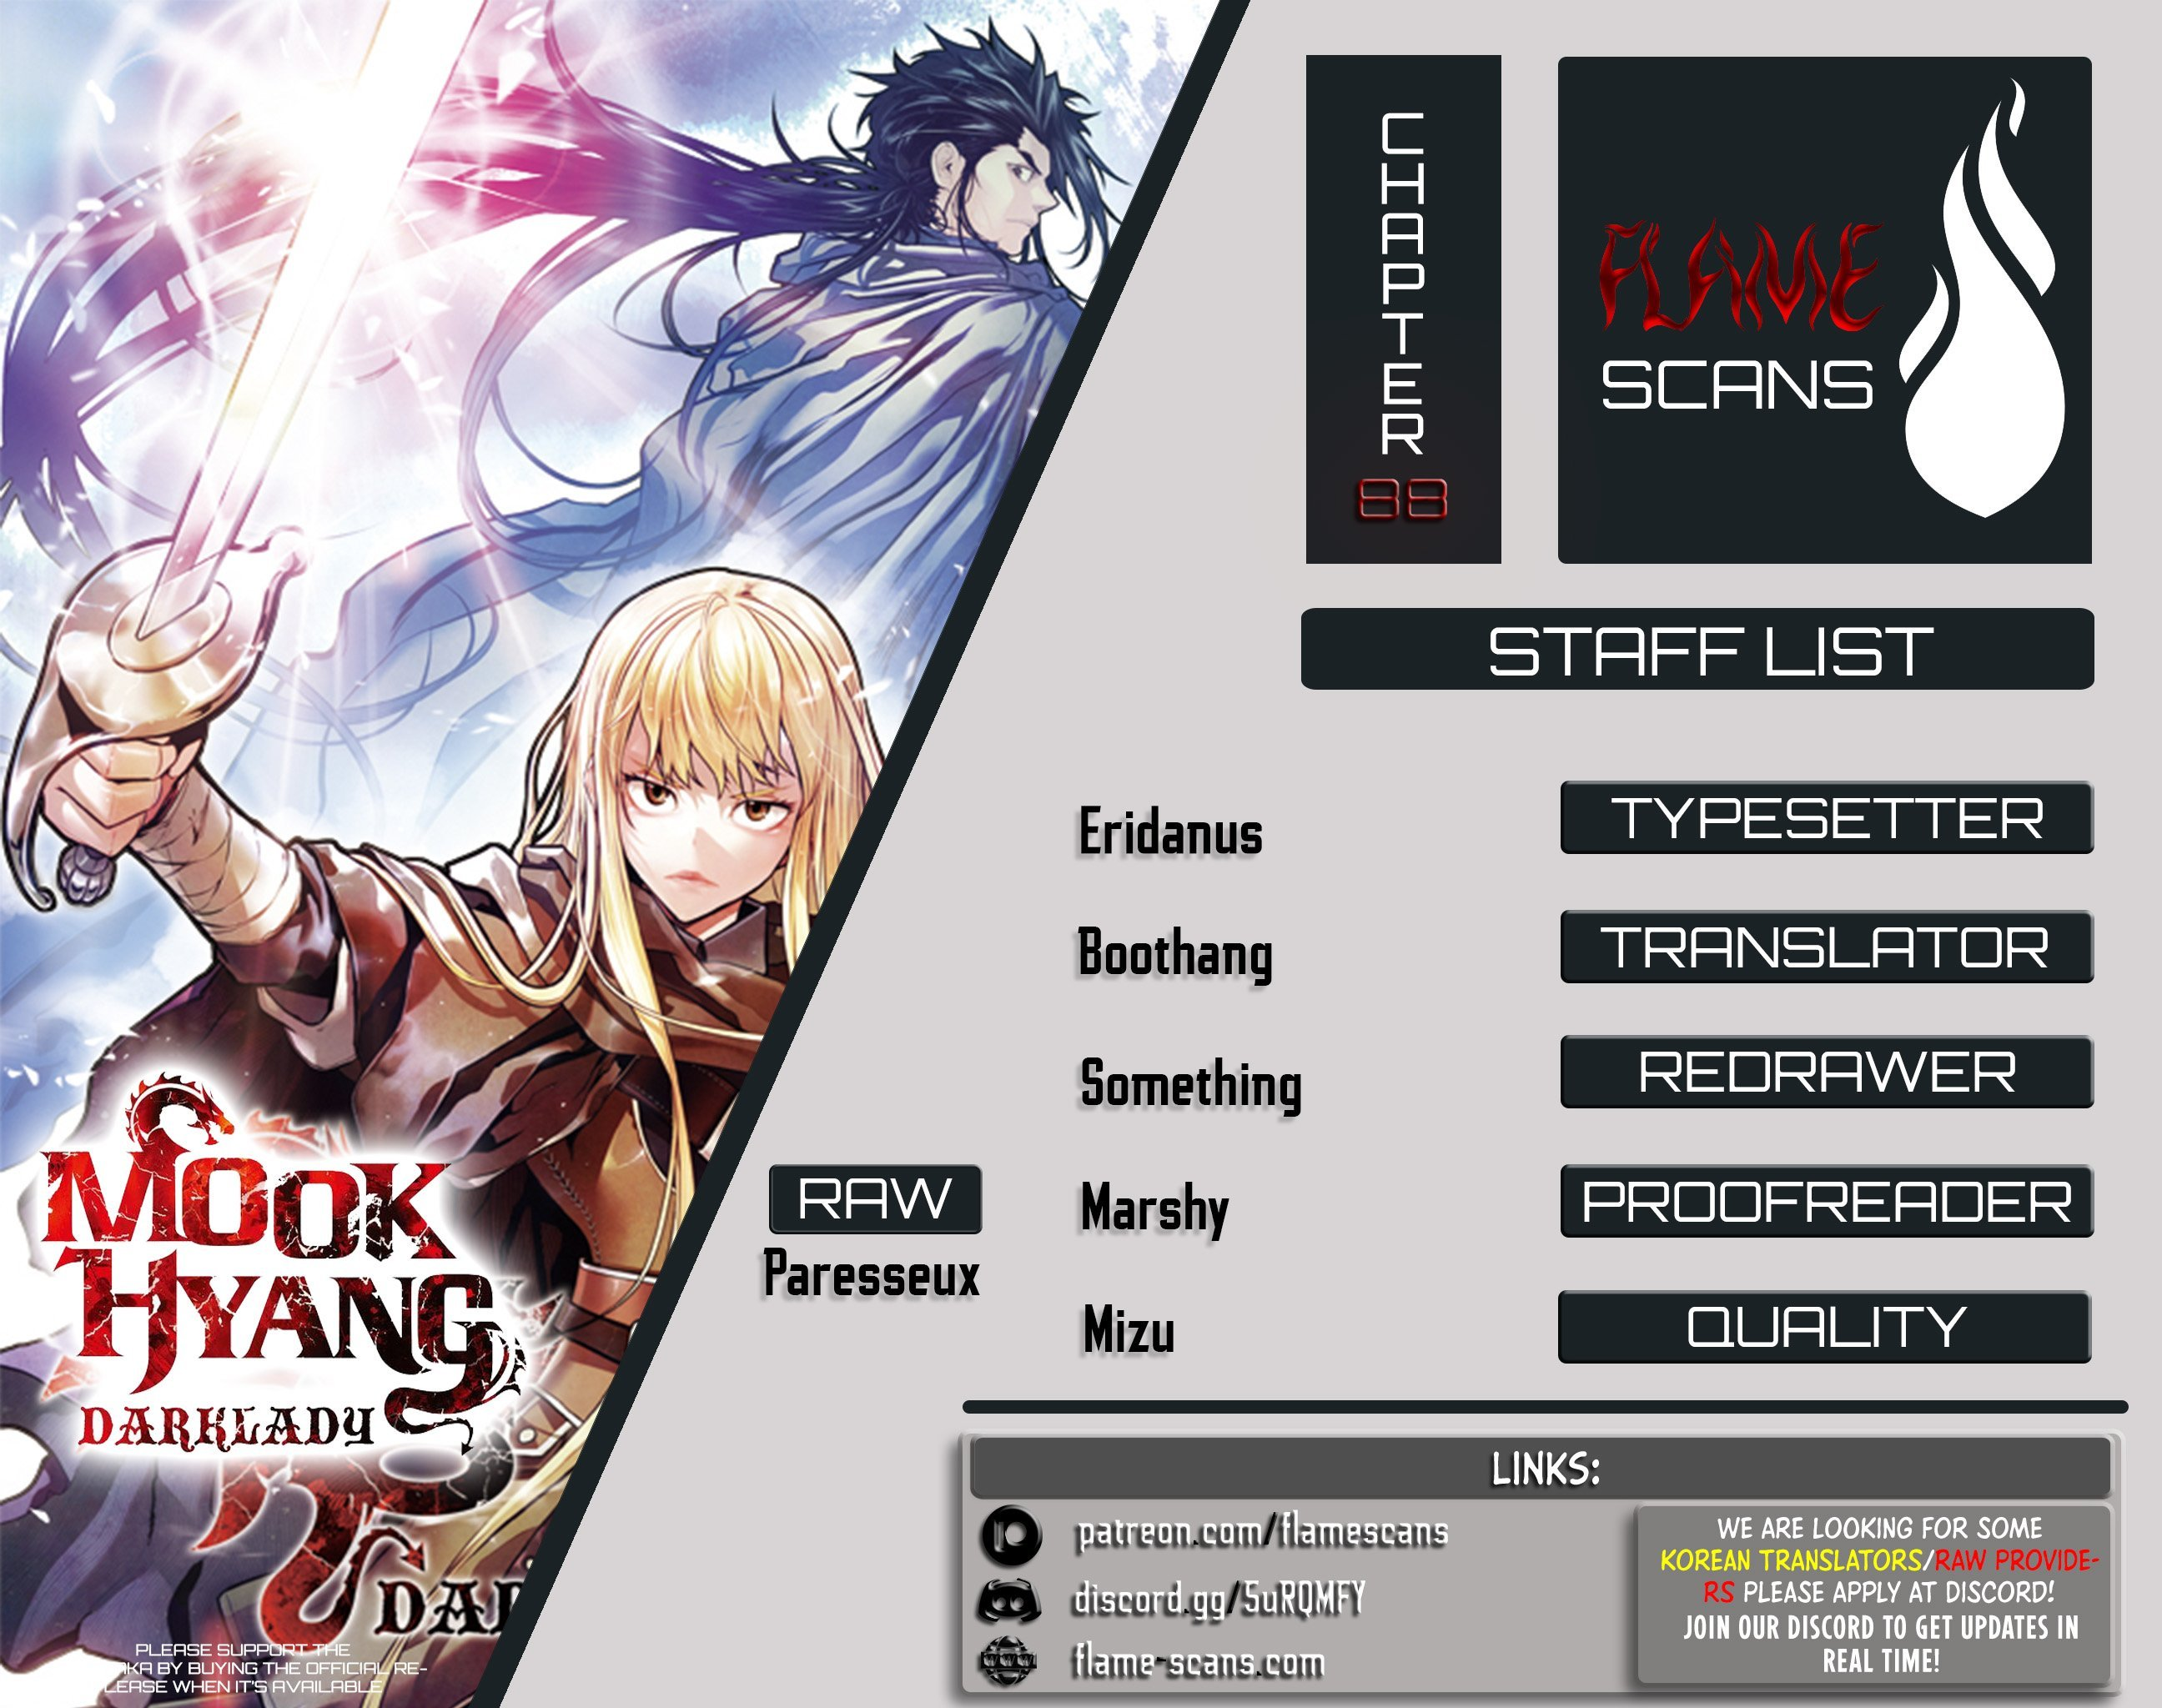 Manga MookHyang - Dark Lady - Chapter 88 Page 1